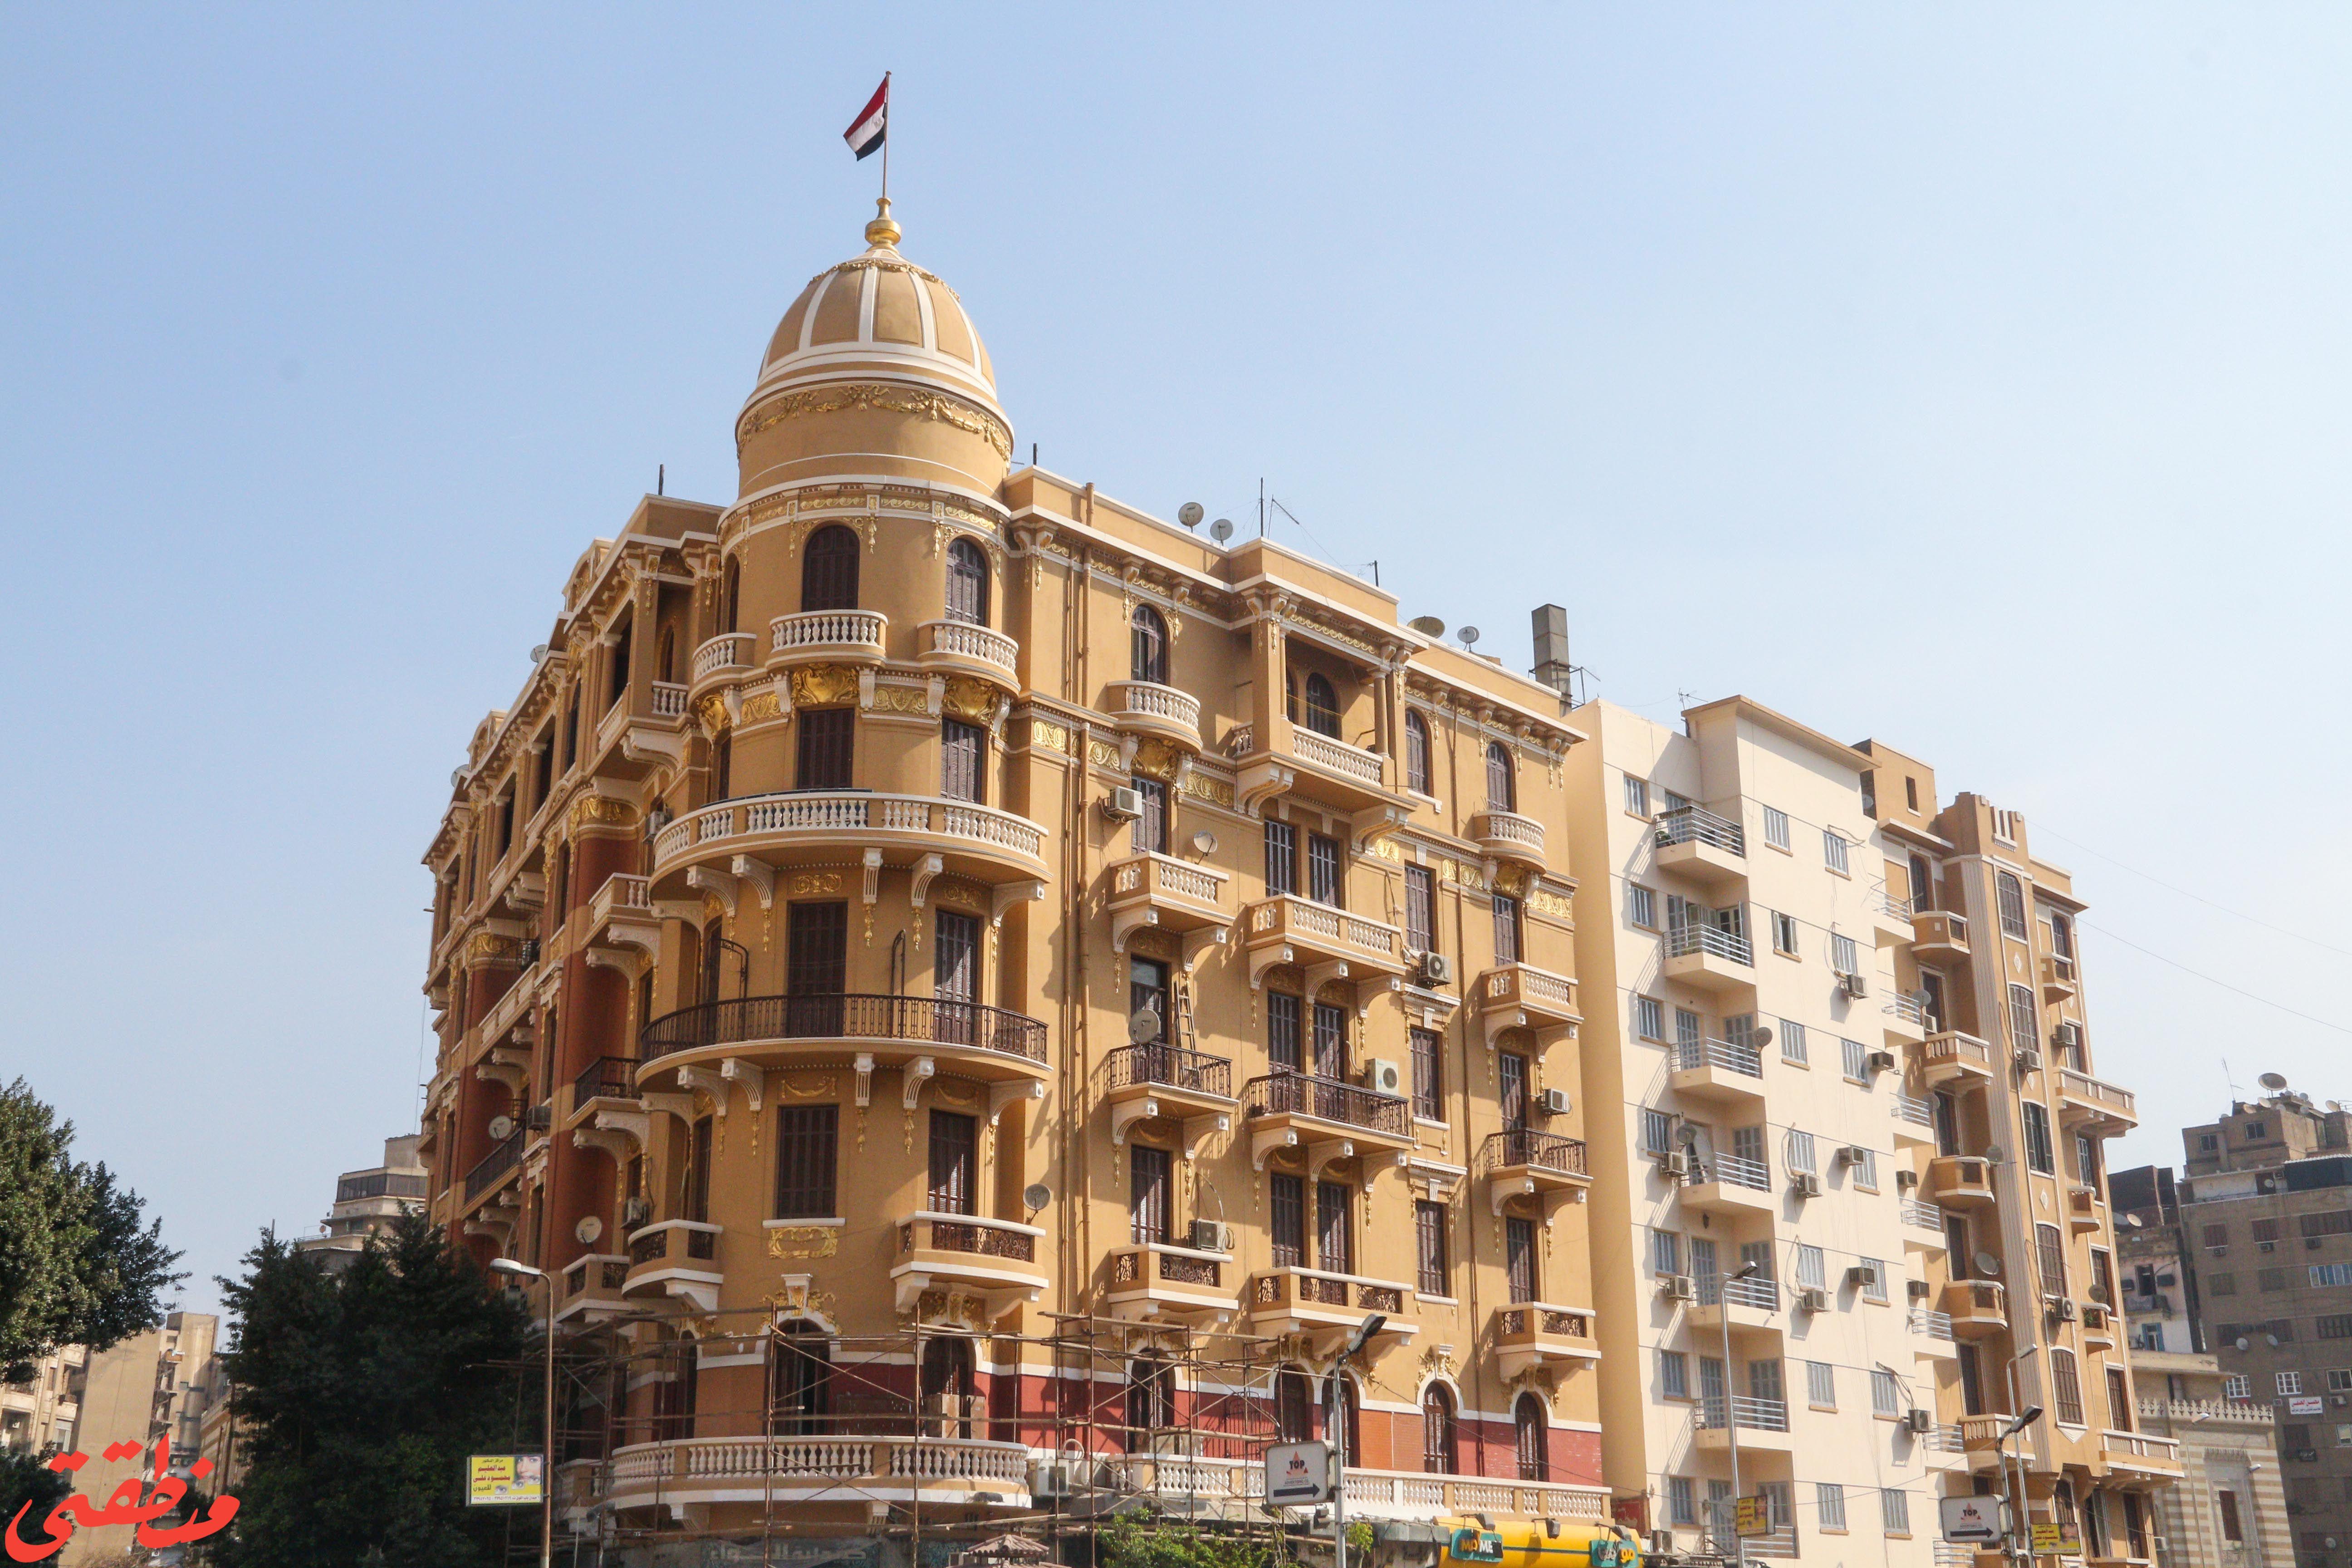 علم مصر أعلى العقار رقم 1 شارع مظلوم - تصوير: صديق البخشونجي